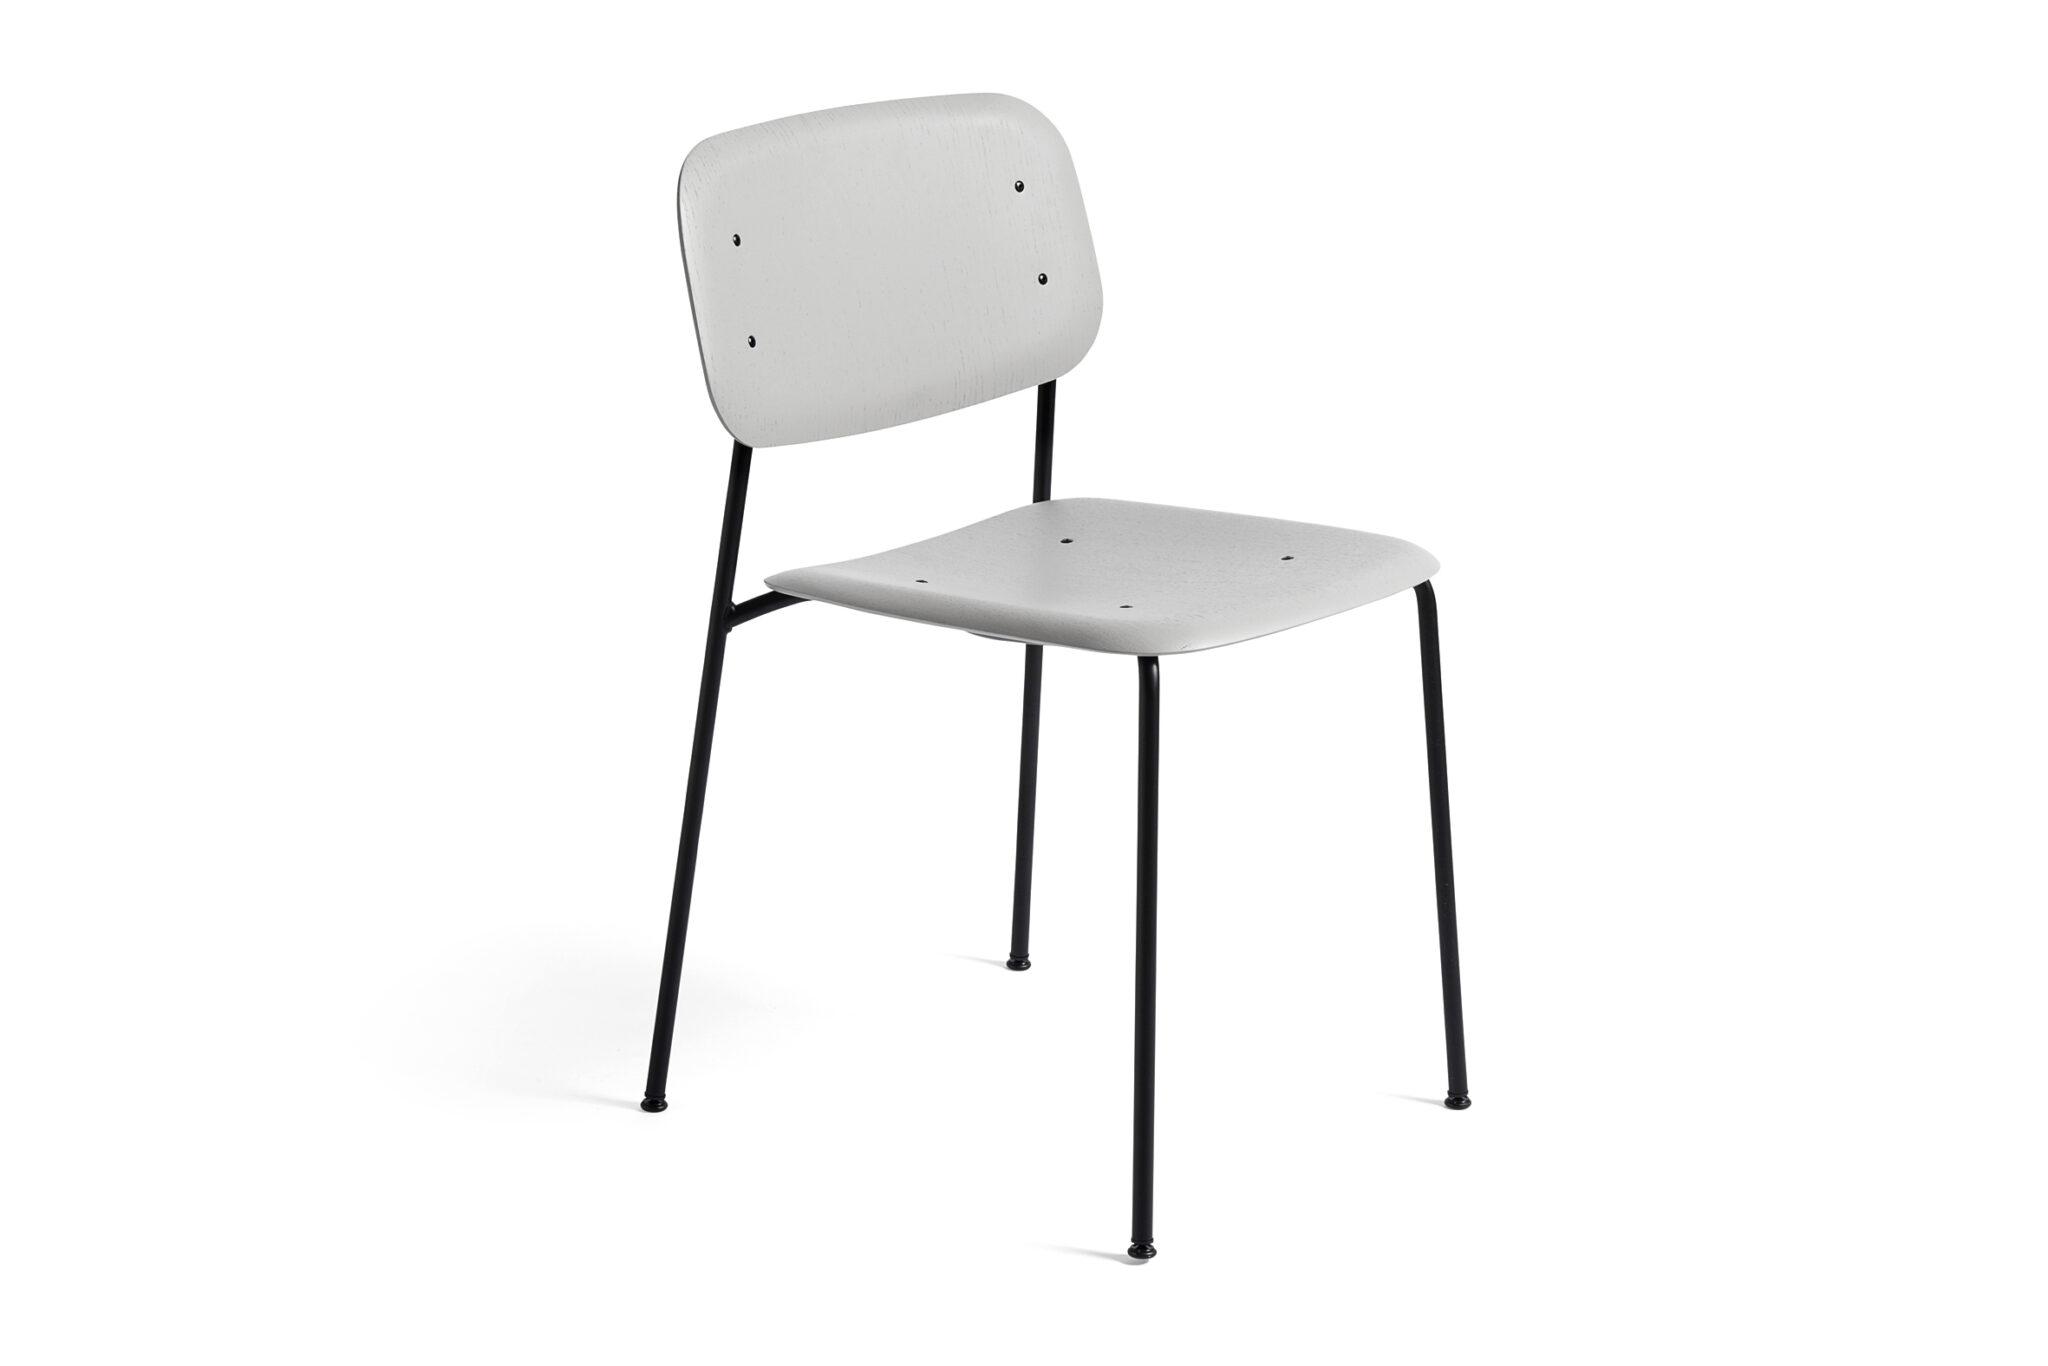 1989511359000_Soft-Edge-10_Base-black_Seat-Back-oak-soft-grey-stained